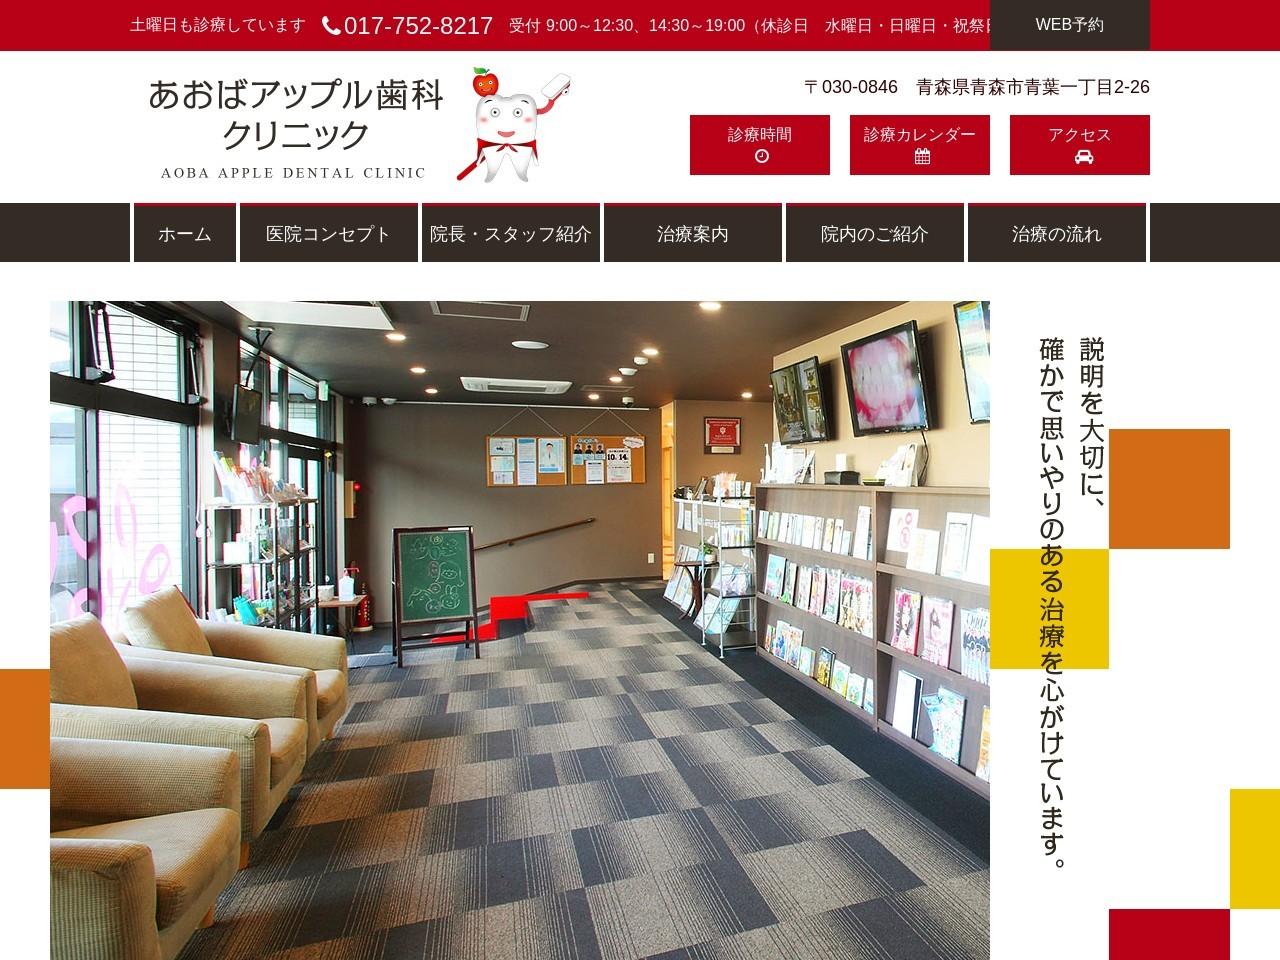 あおばアップル歯科クリニック (青森県青森市)